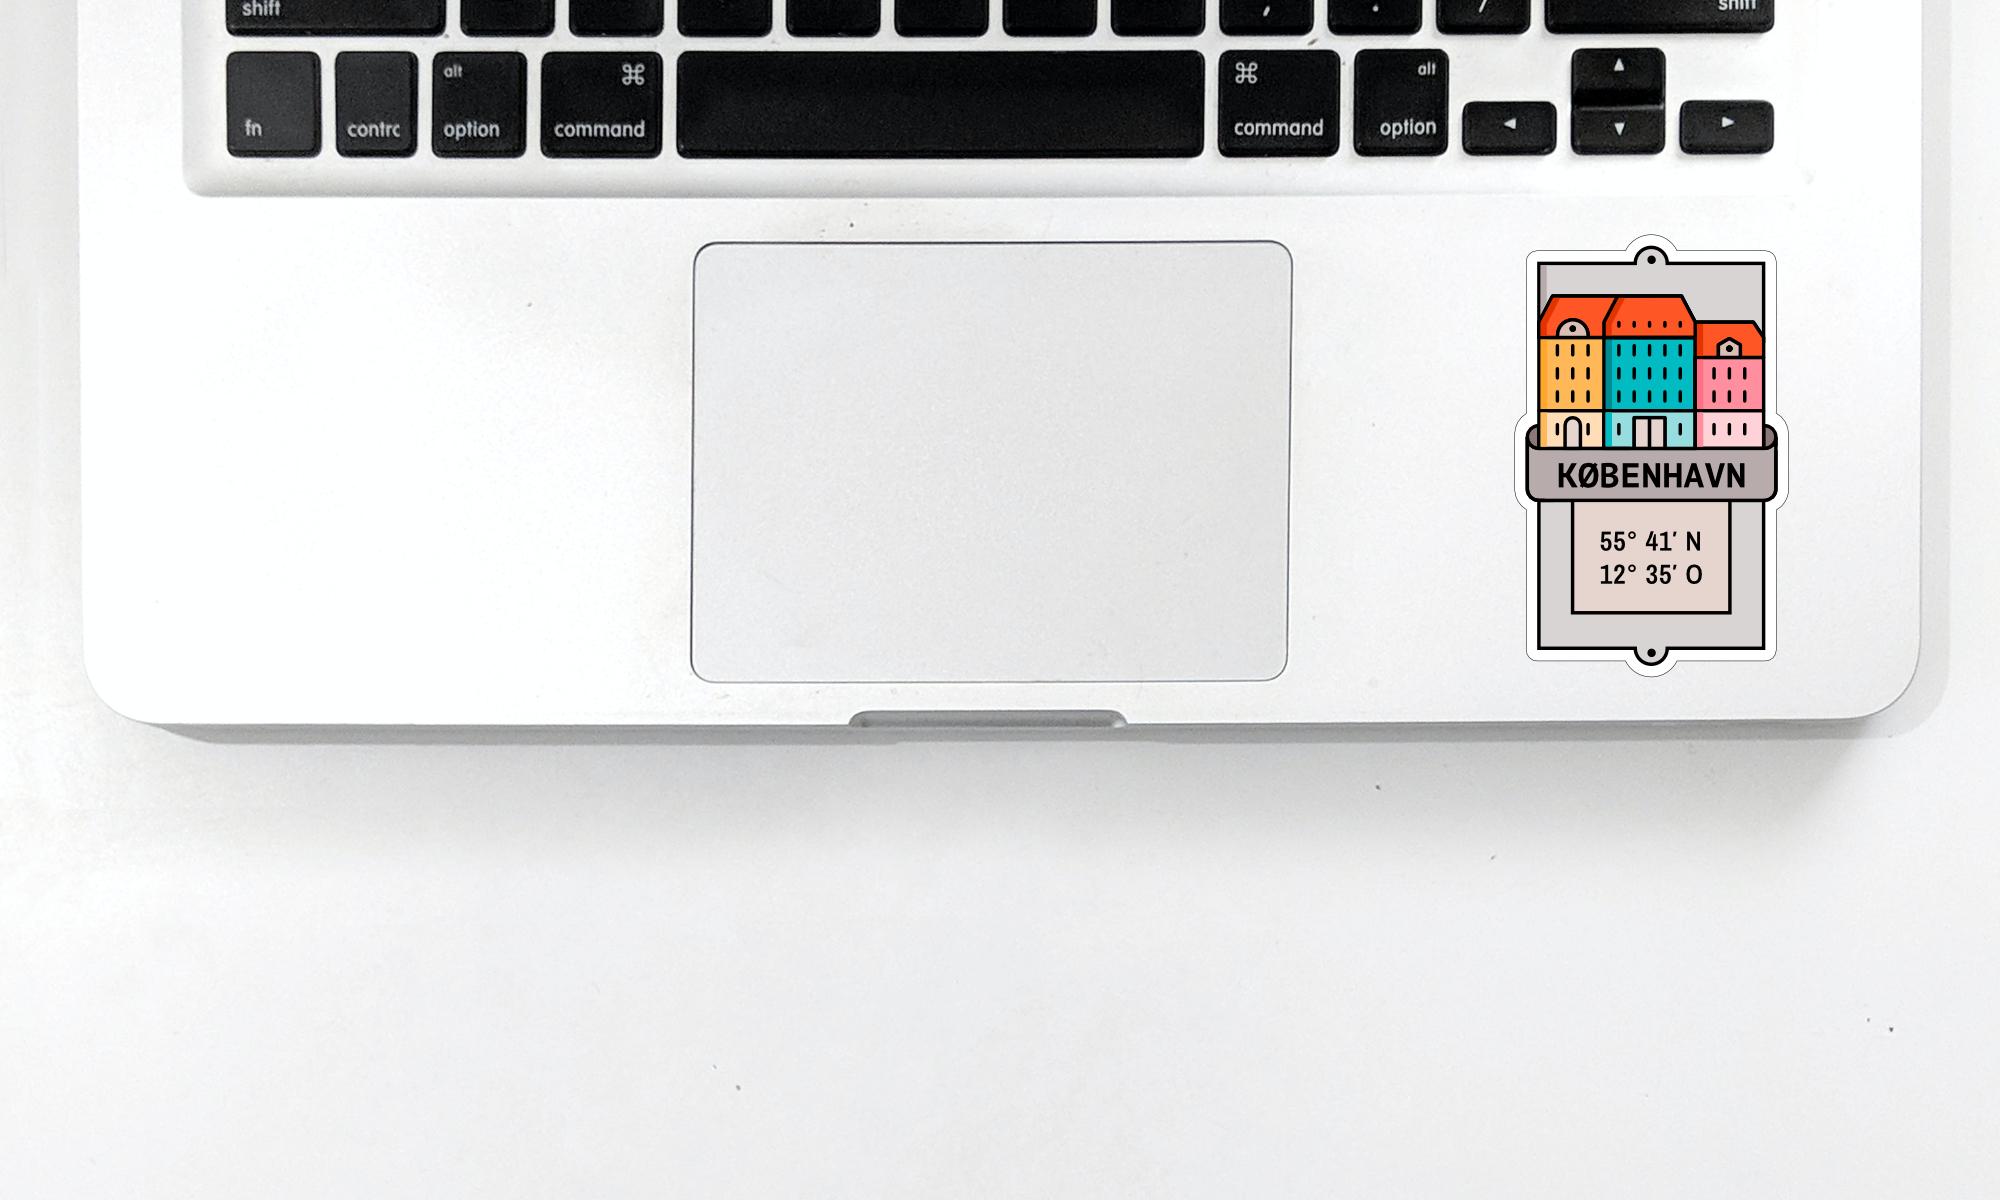 Kopenhagen Laptop